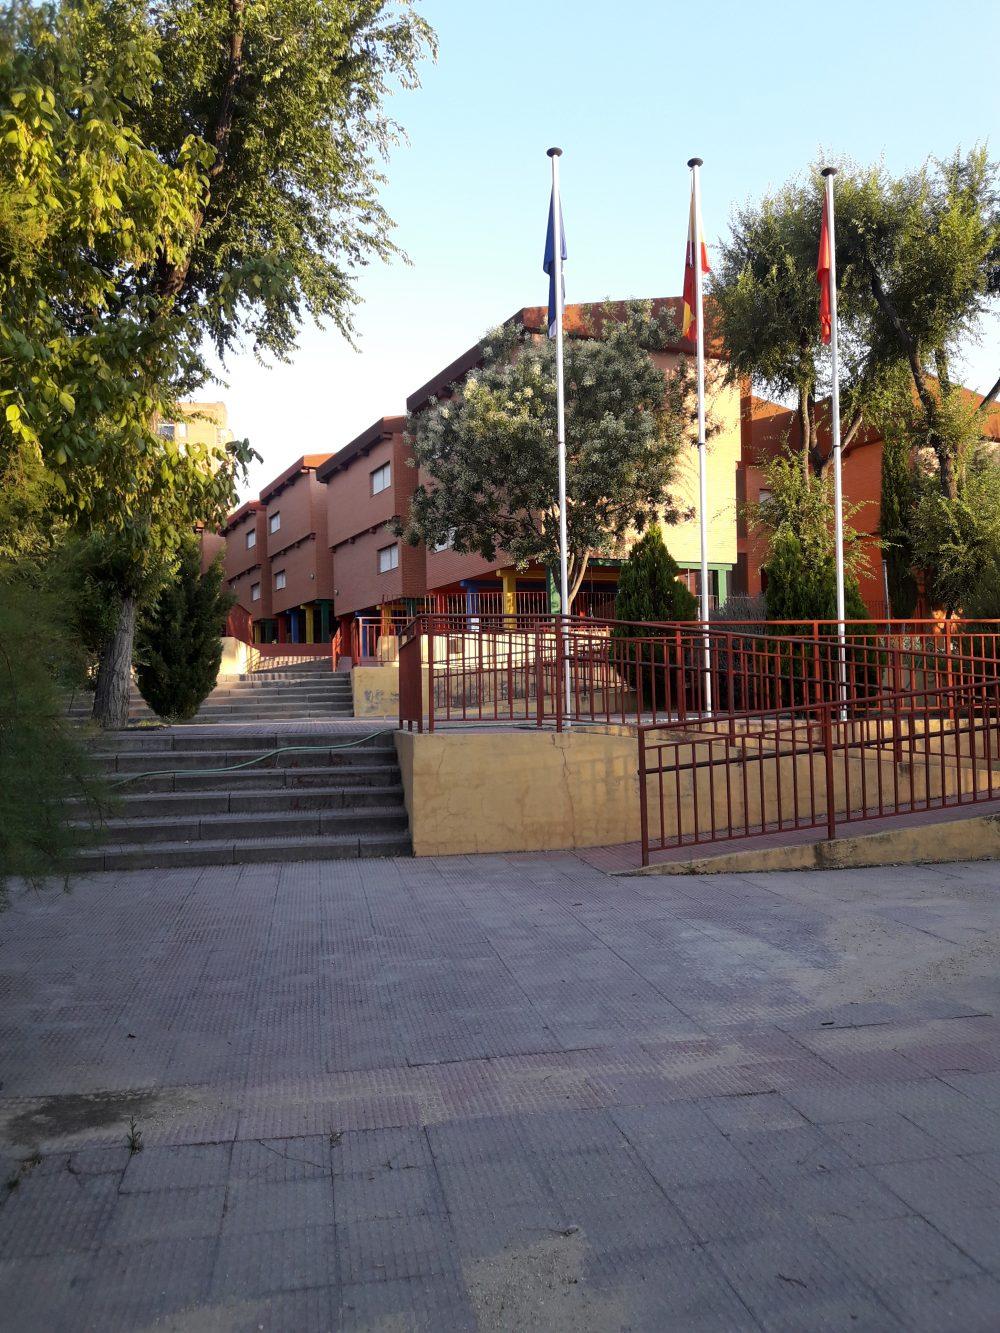 Colegio Público en Puente de Vallecas